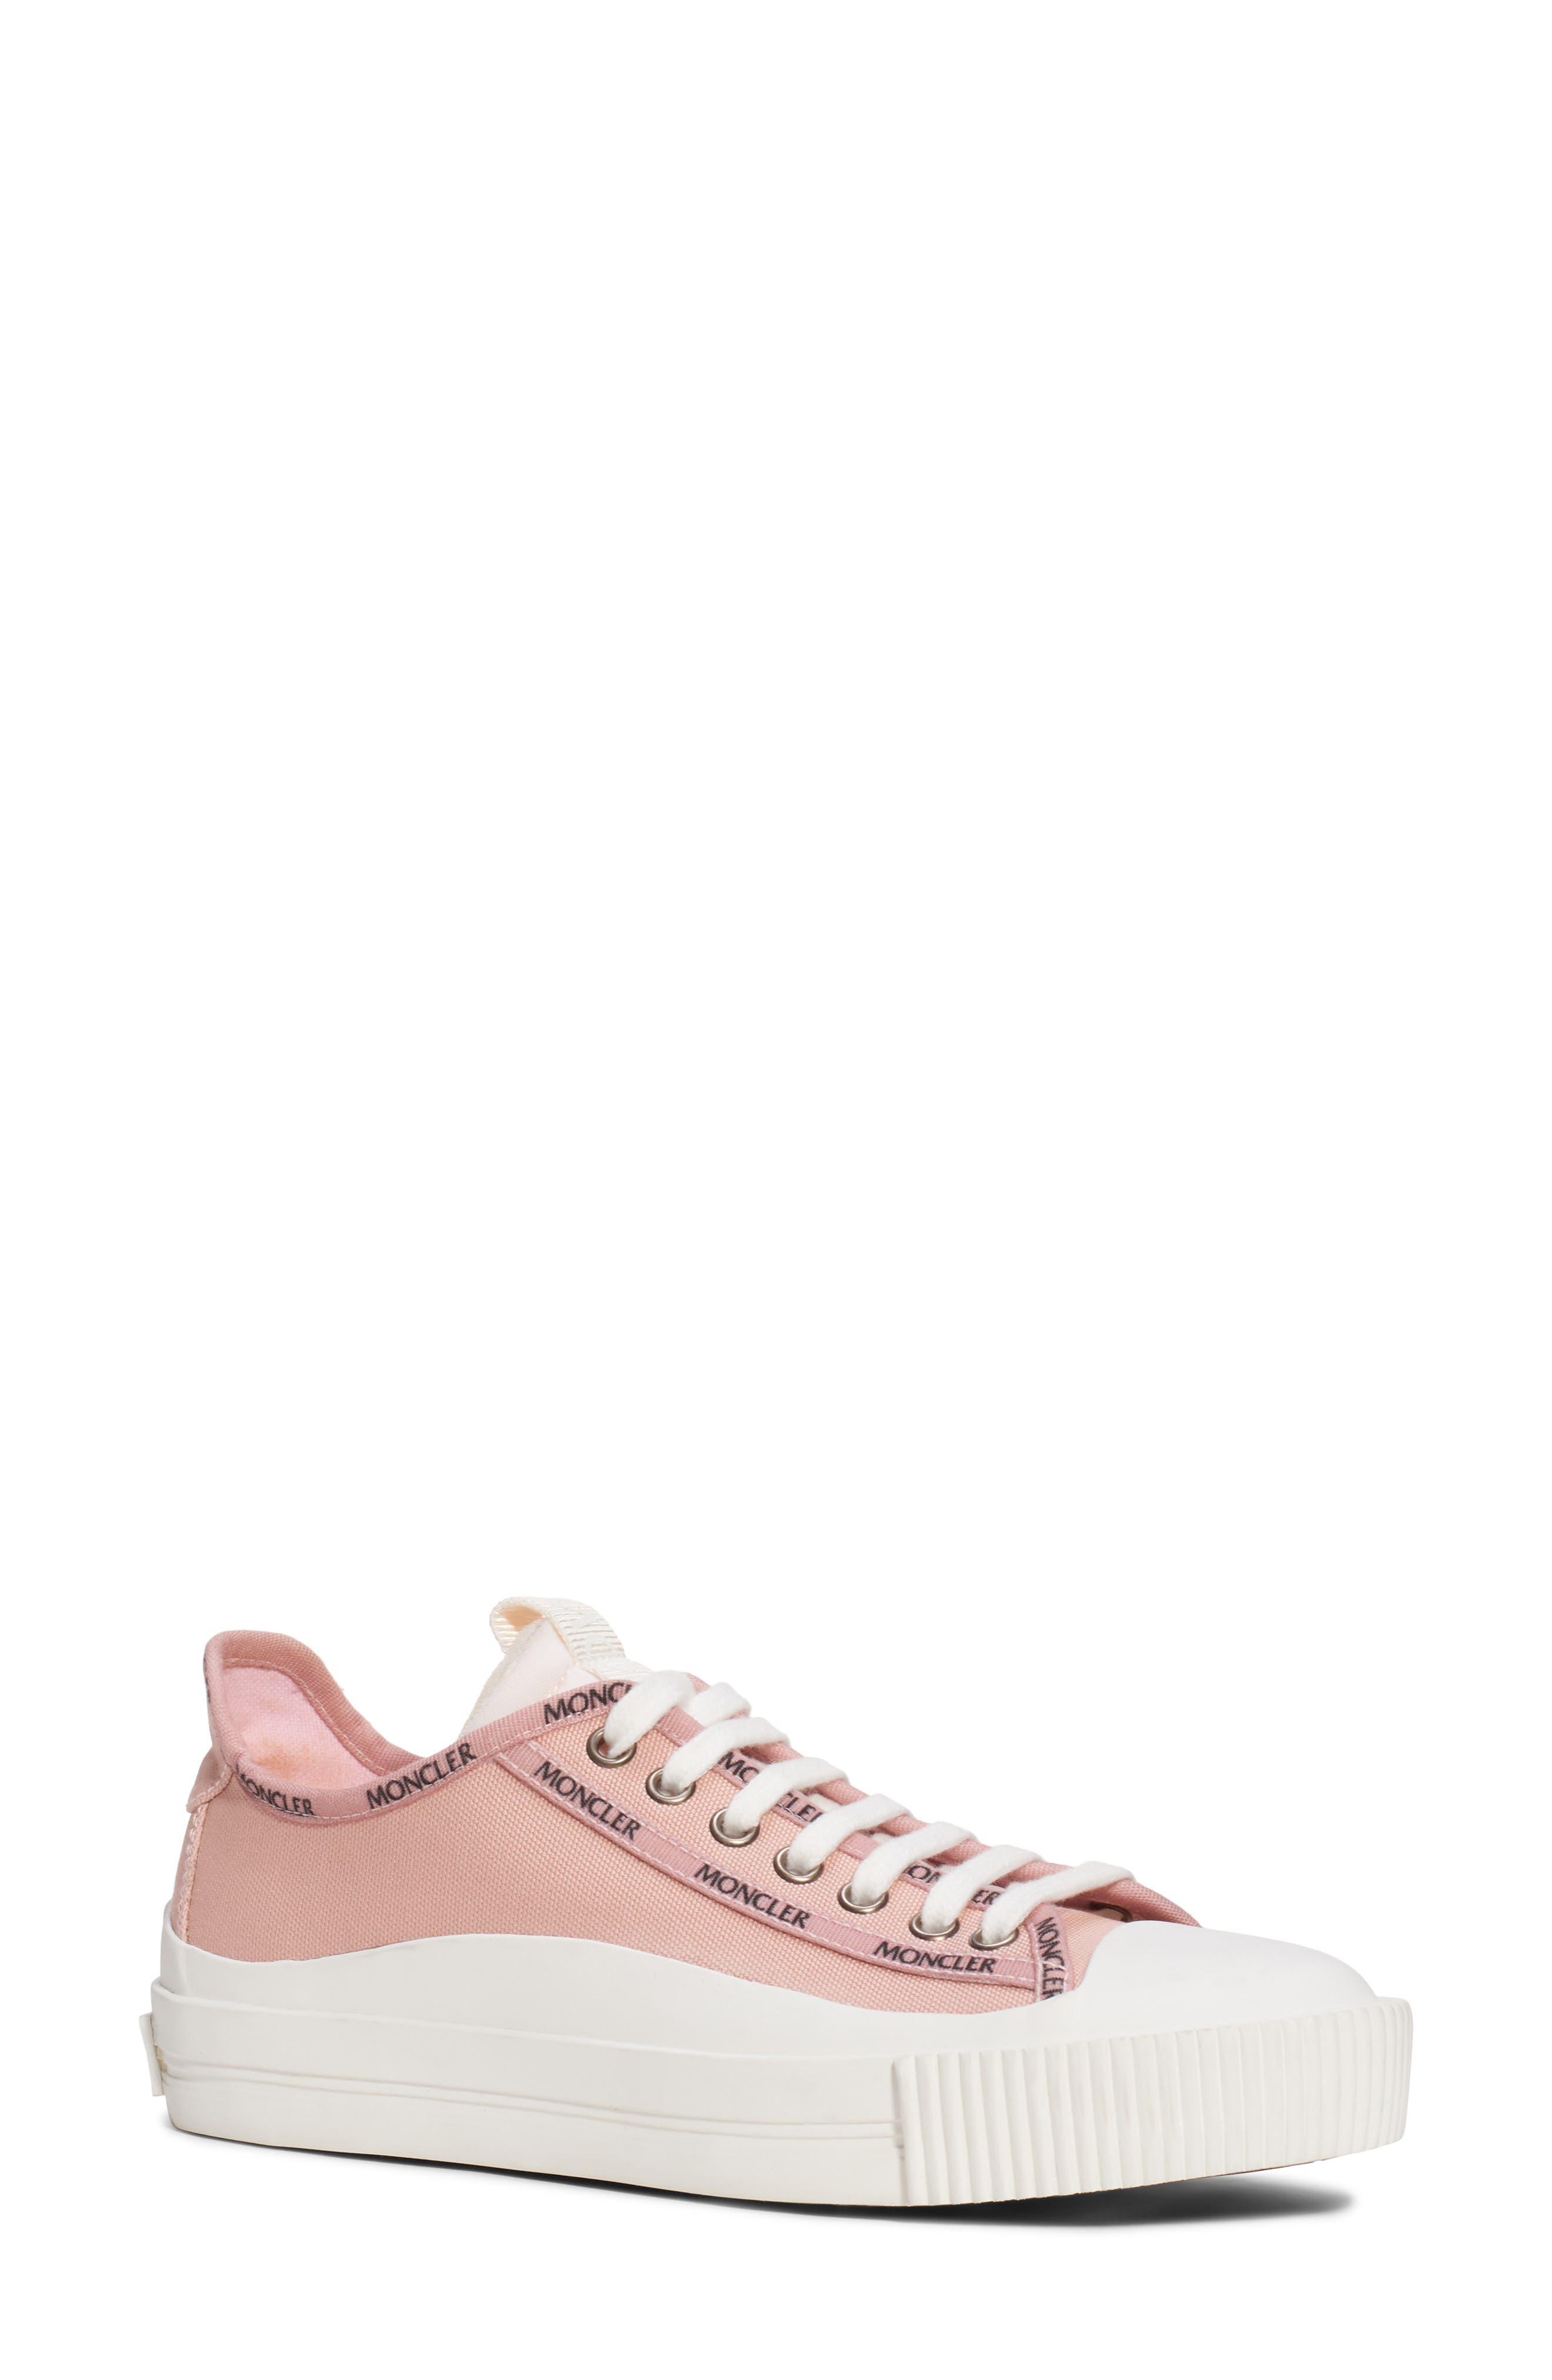 Women's Moncler Glissierie Sneaker